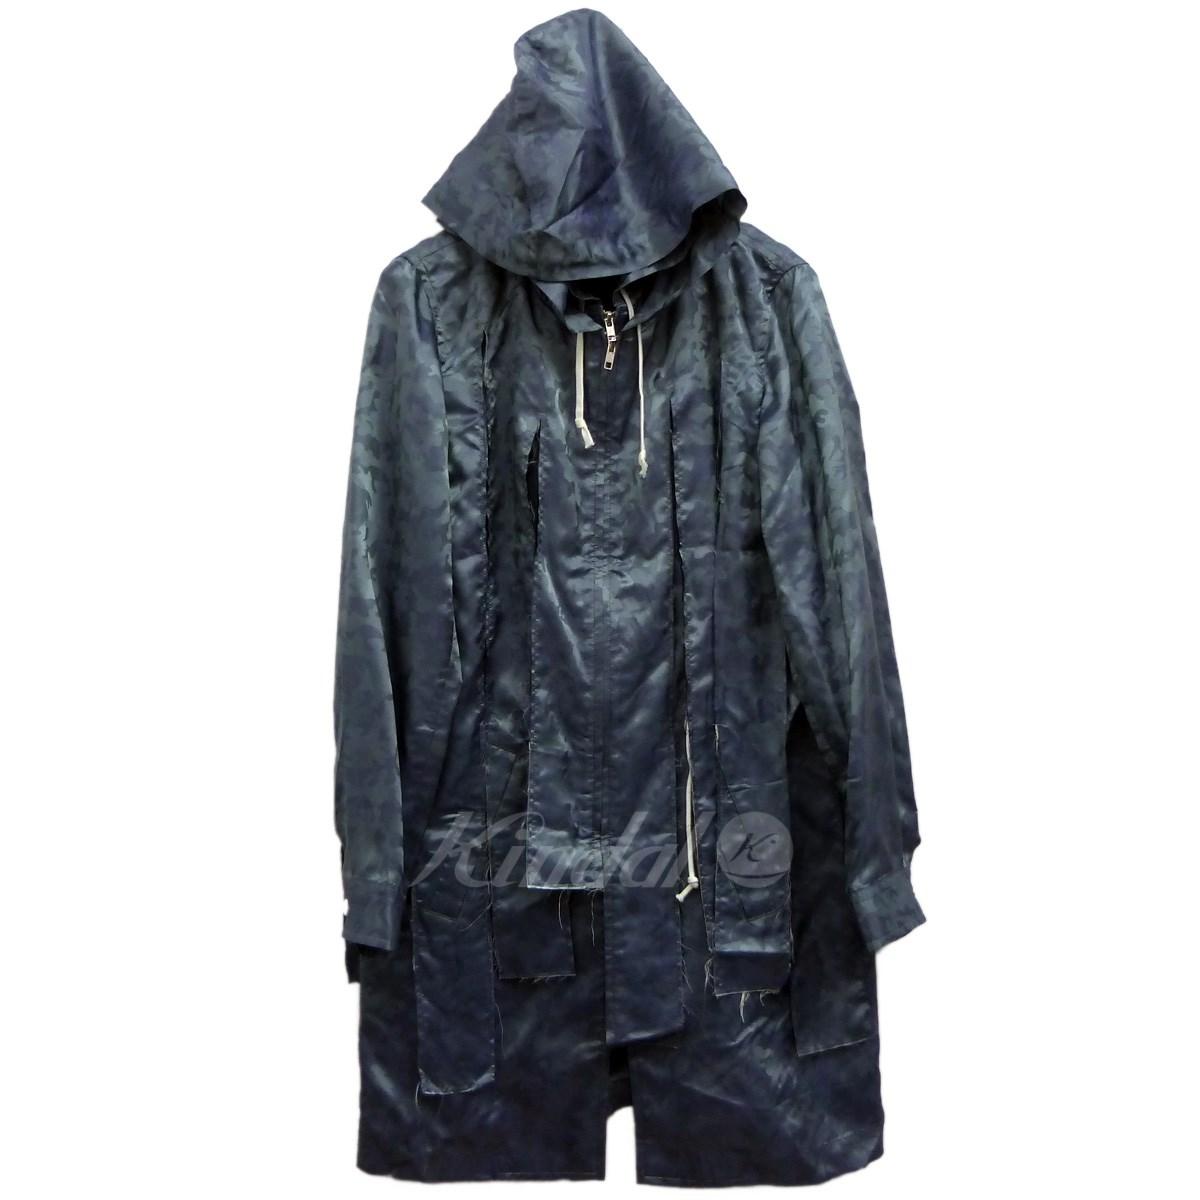 【中古】COMME des GARCONS HOMME PLUS19SS ジャガードカモレイヤードコート ブルー サイズ:S 【4月23日見直し】